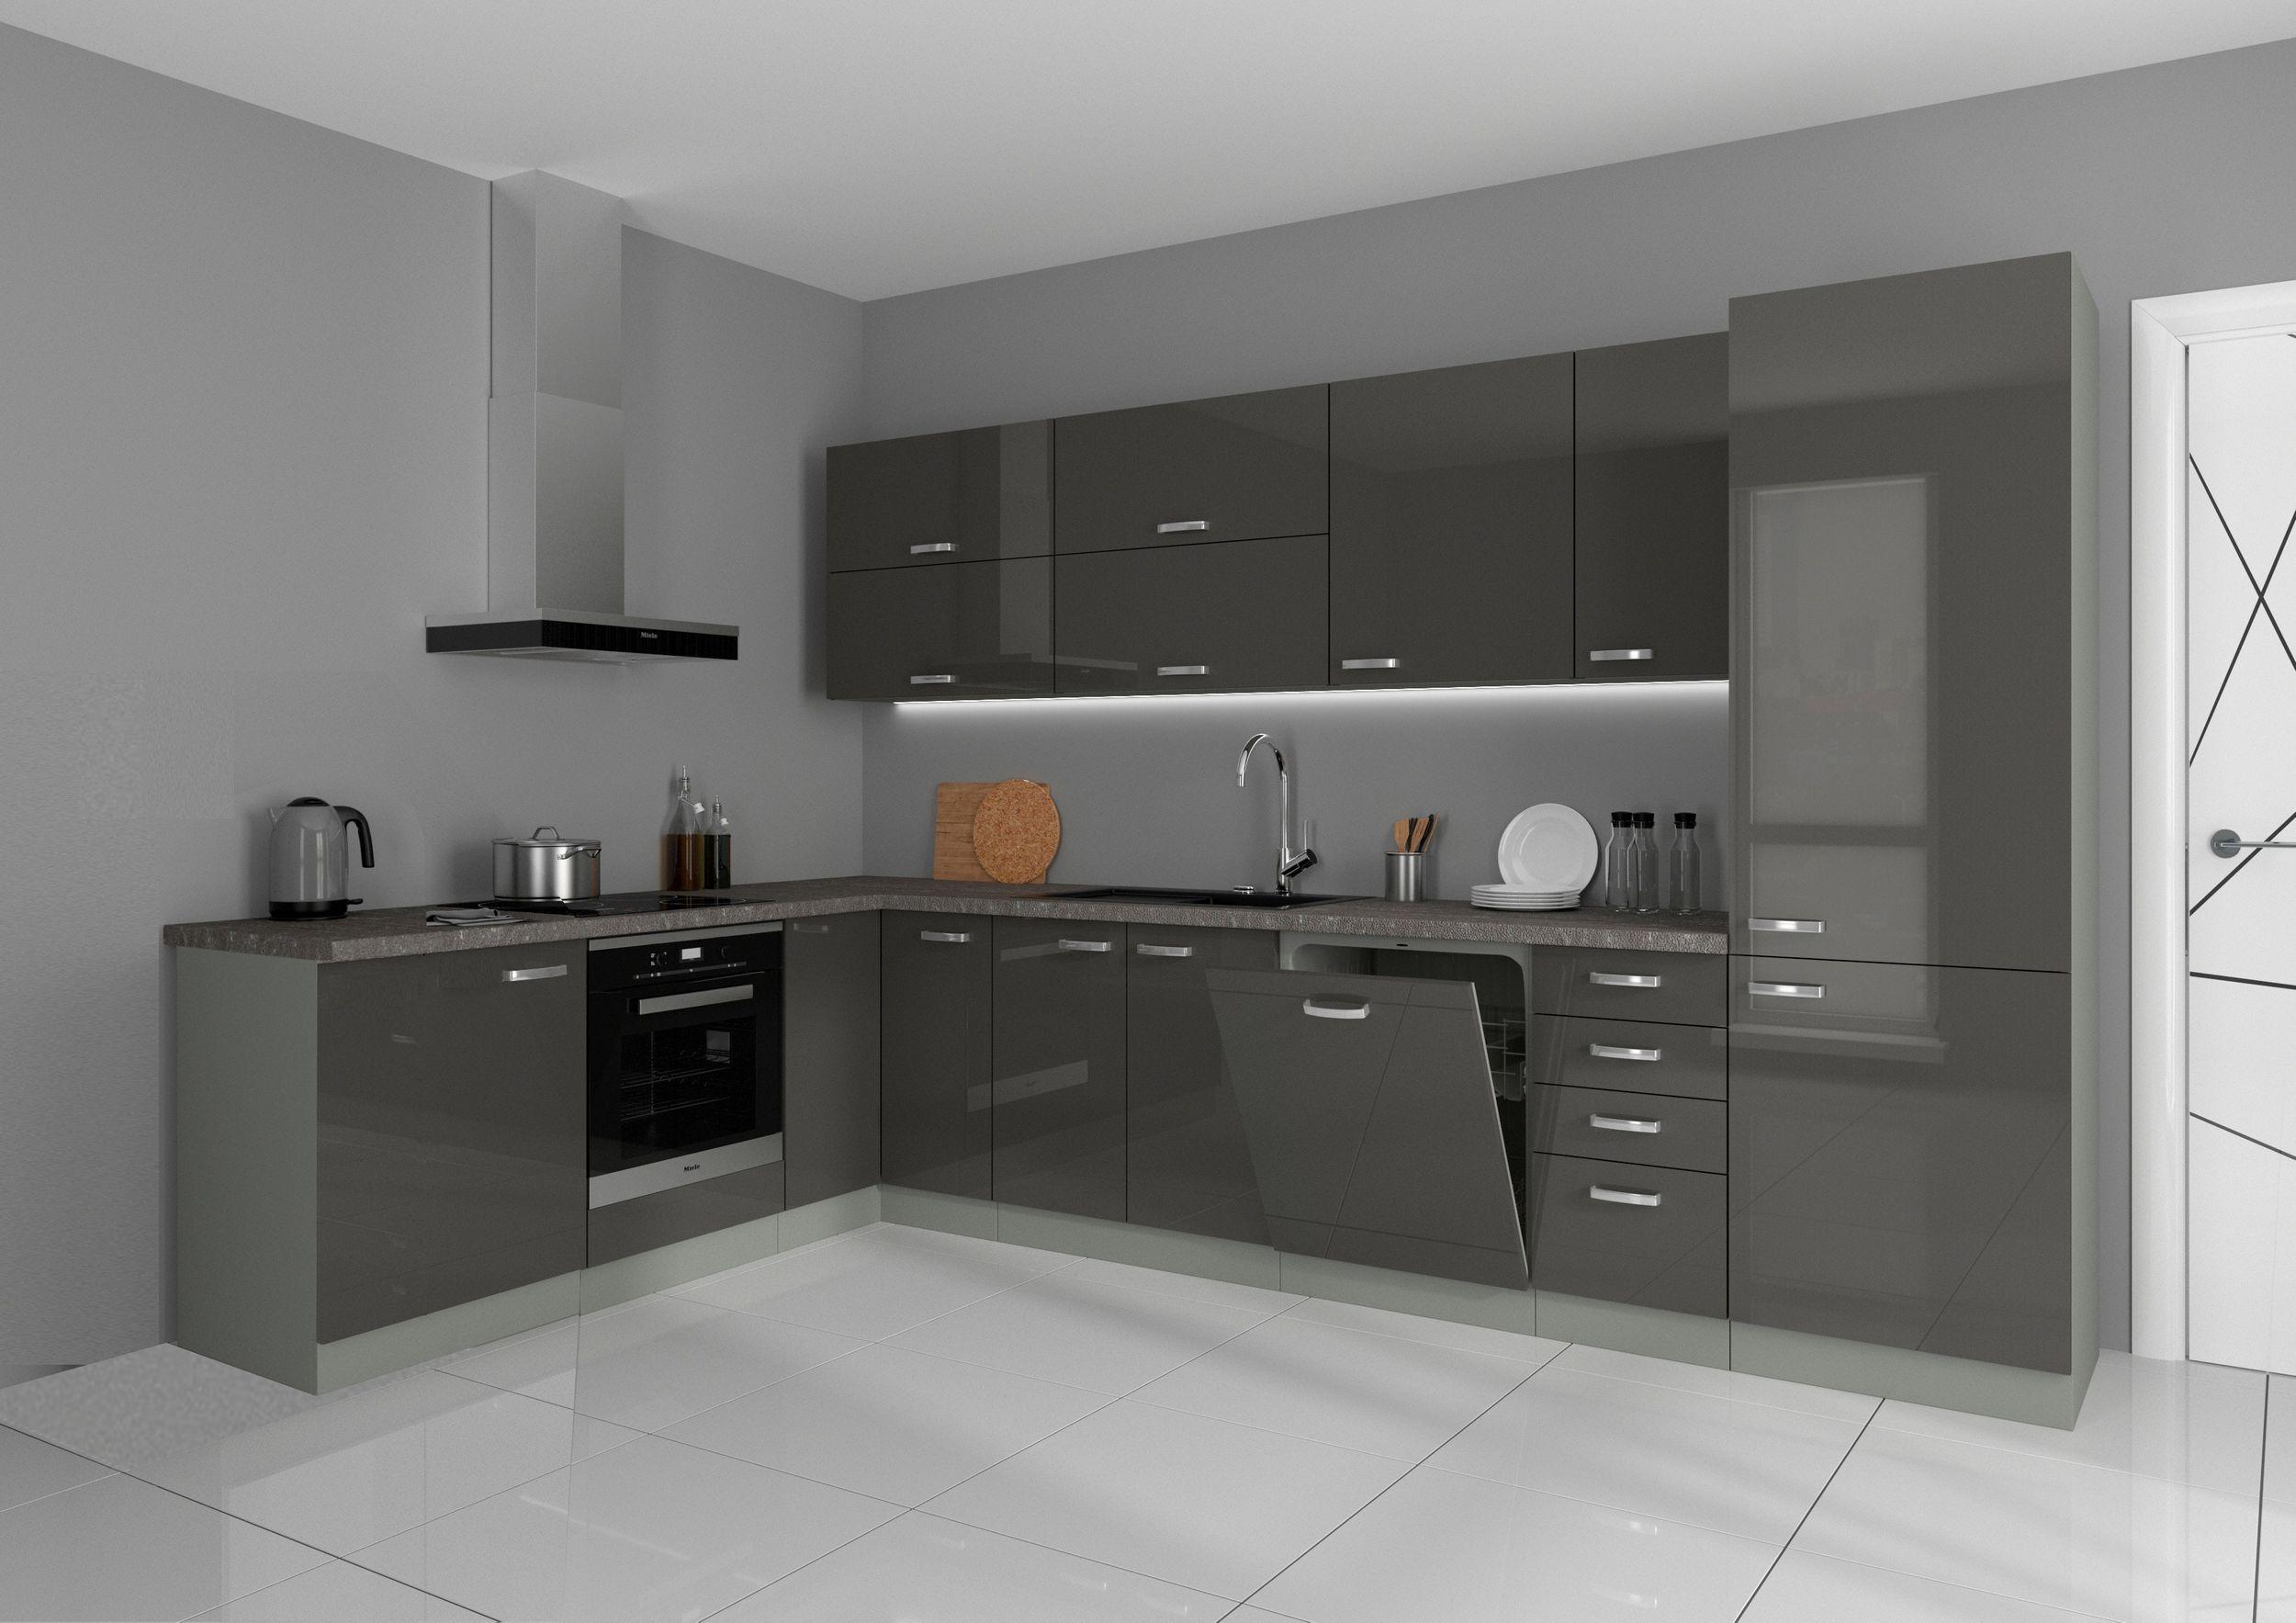 Küche Vario Ecke Ii 210x330 Cm Küchenzeile In Hochglanz Grau Küchenblock